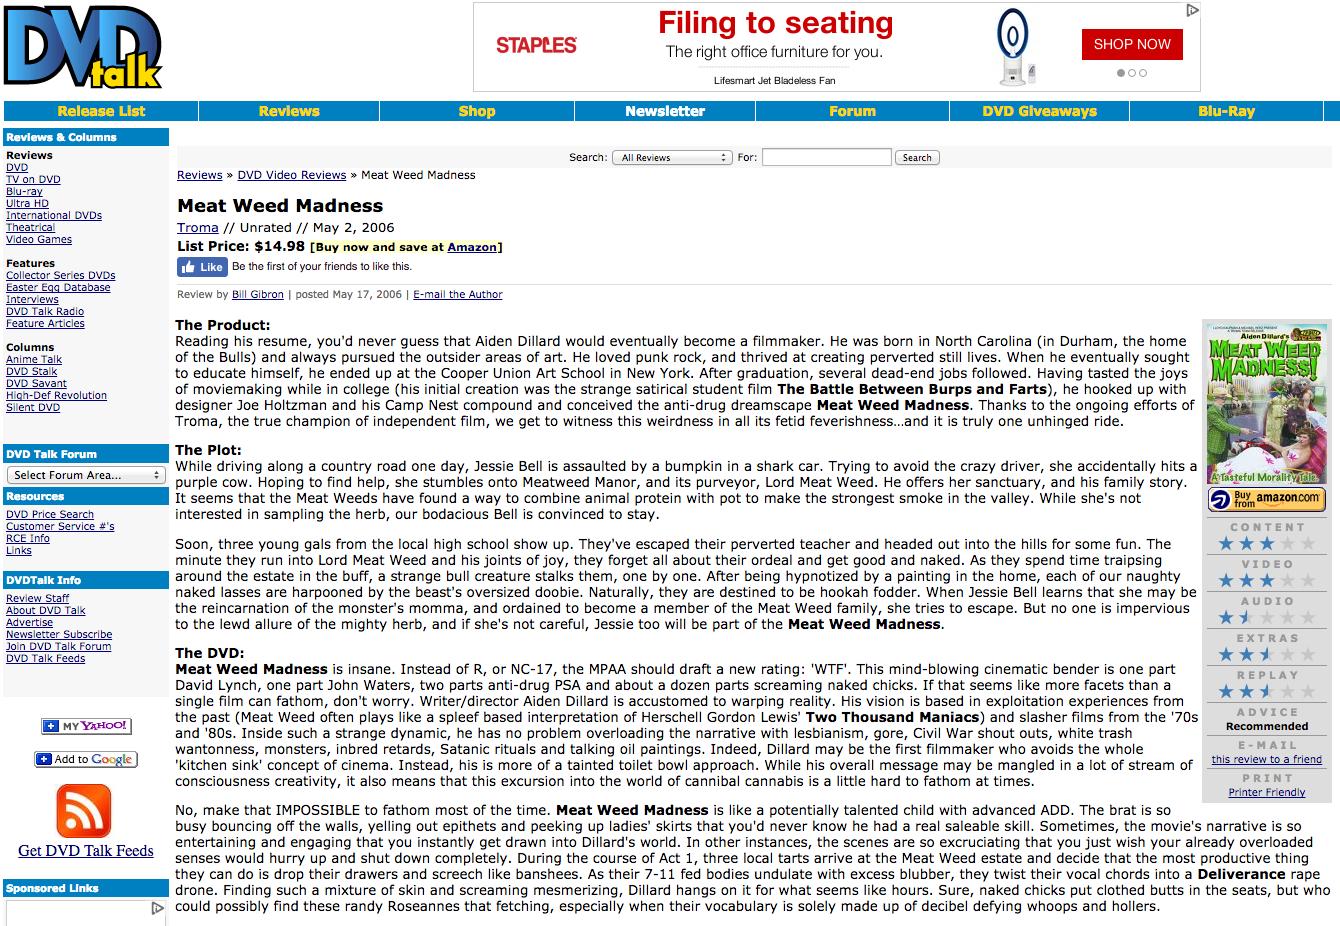 MWM_DVDTalk_Review_Screenshot.png